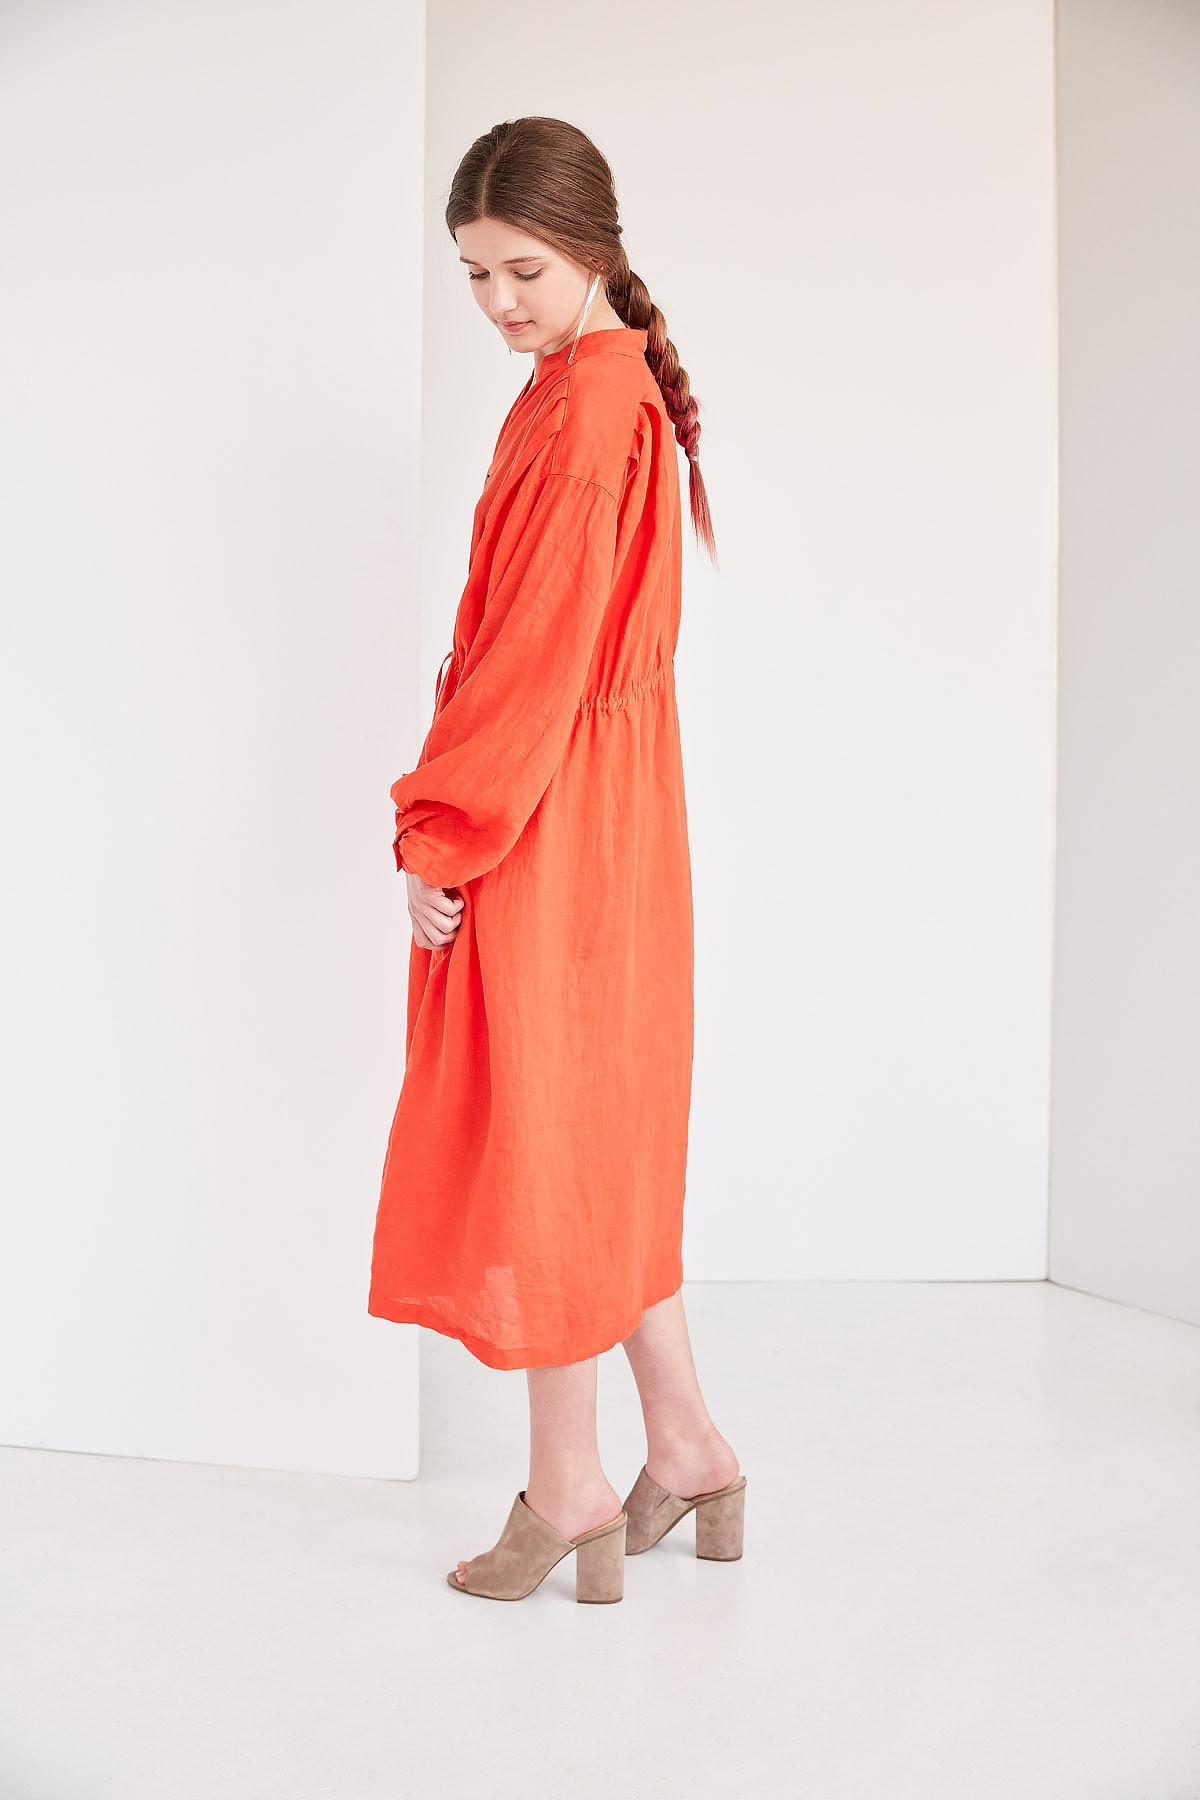 47e39558a5 Black Crane Poet Dress - Paprika